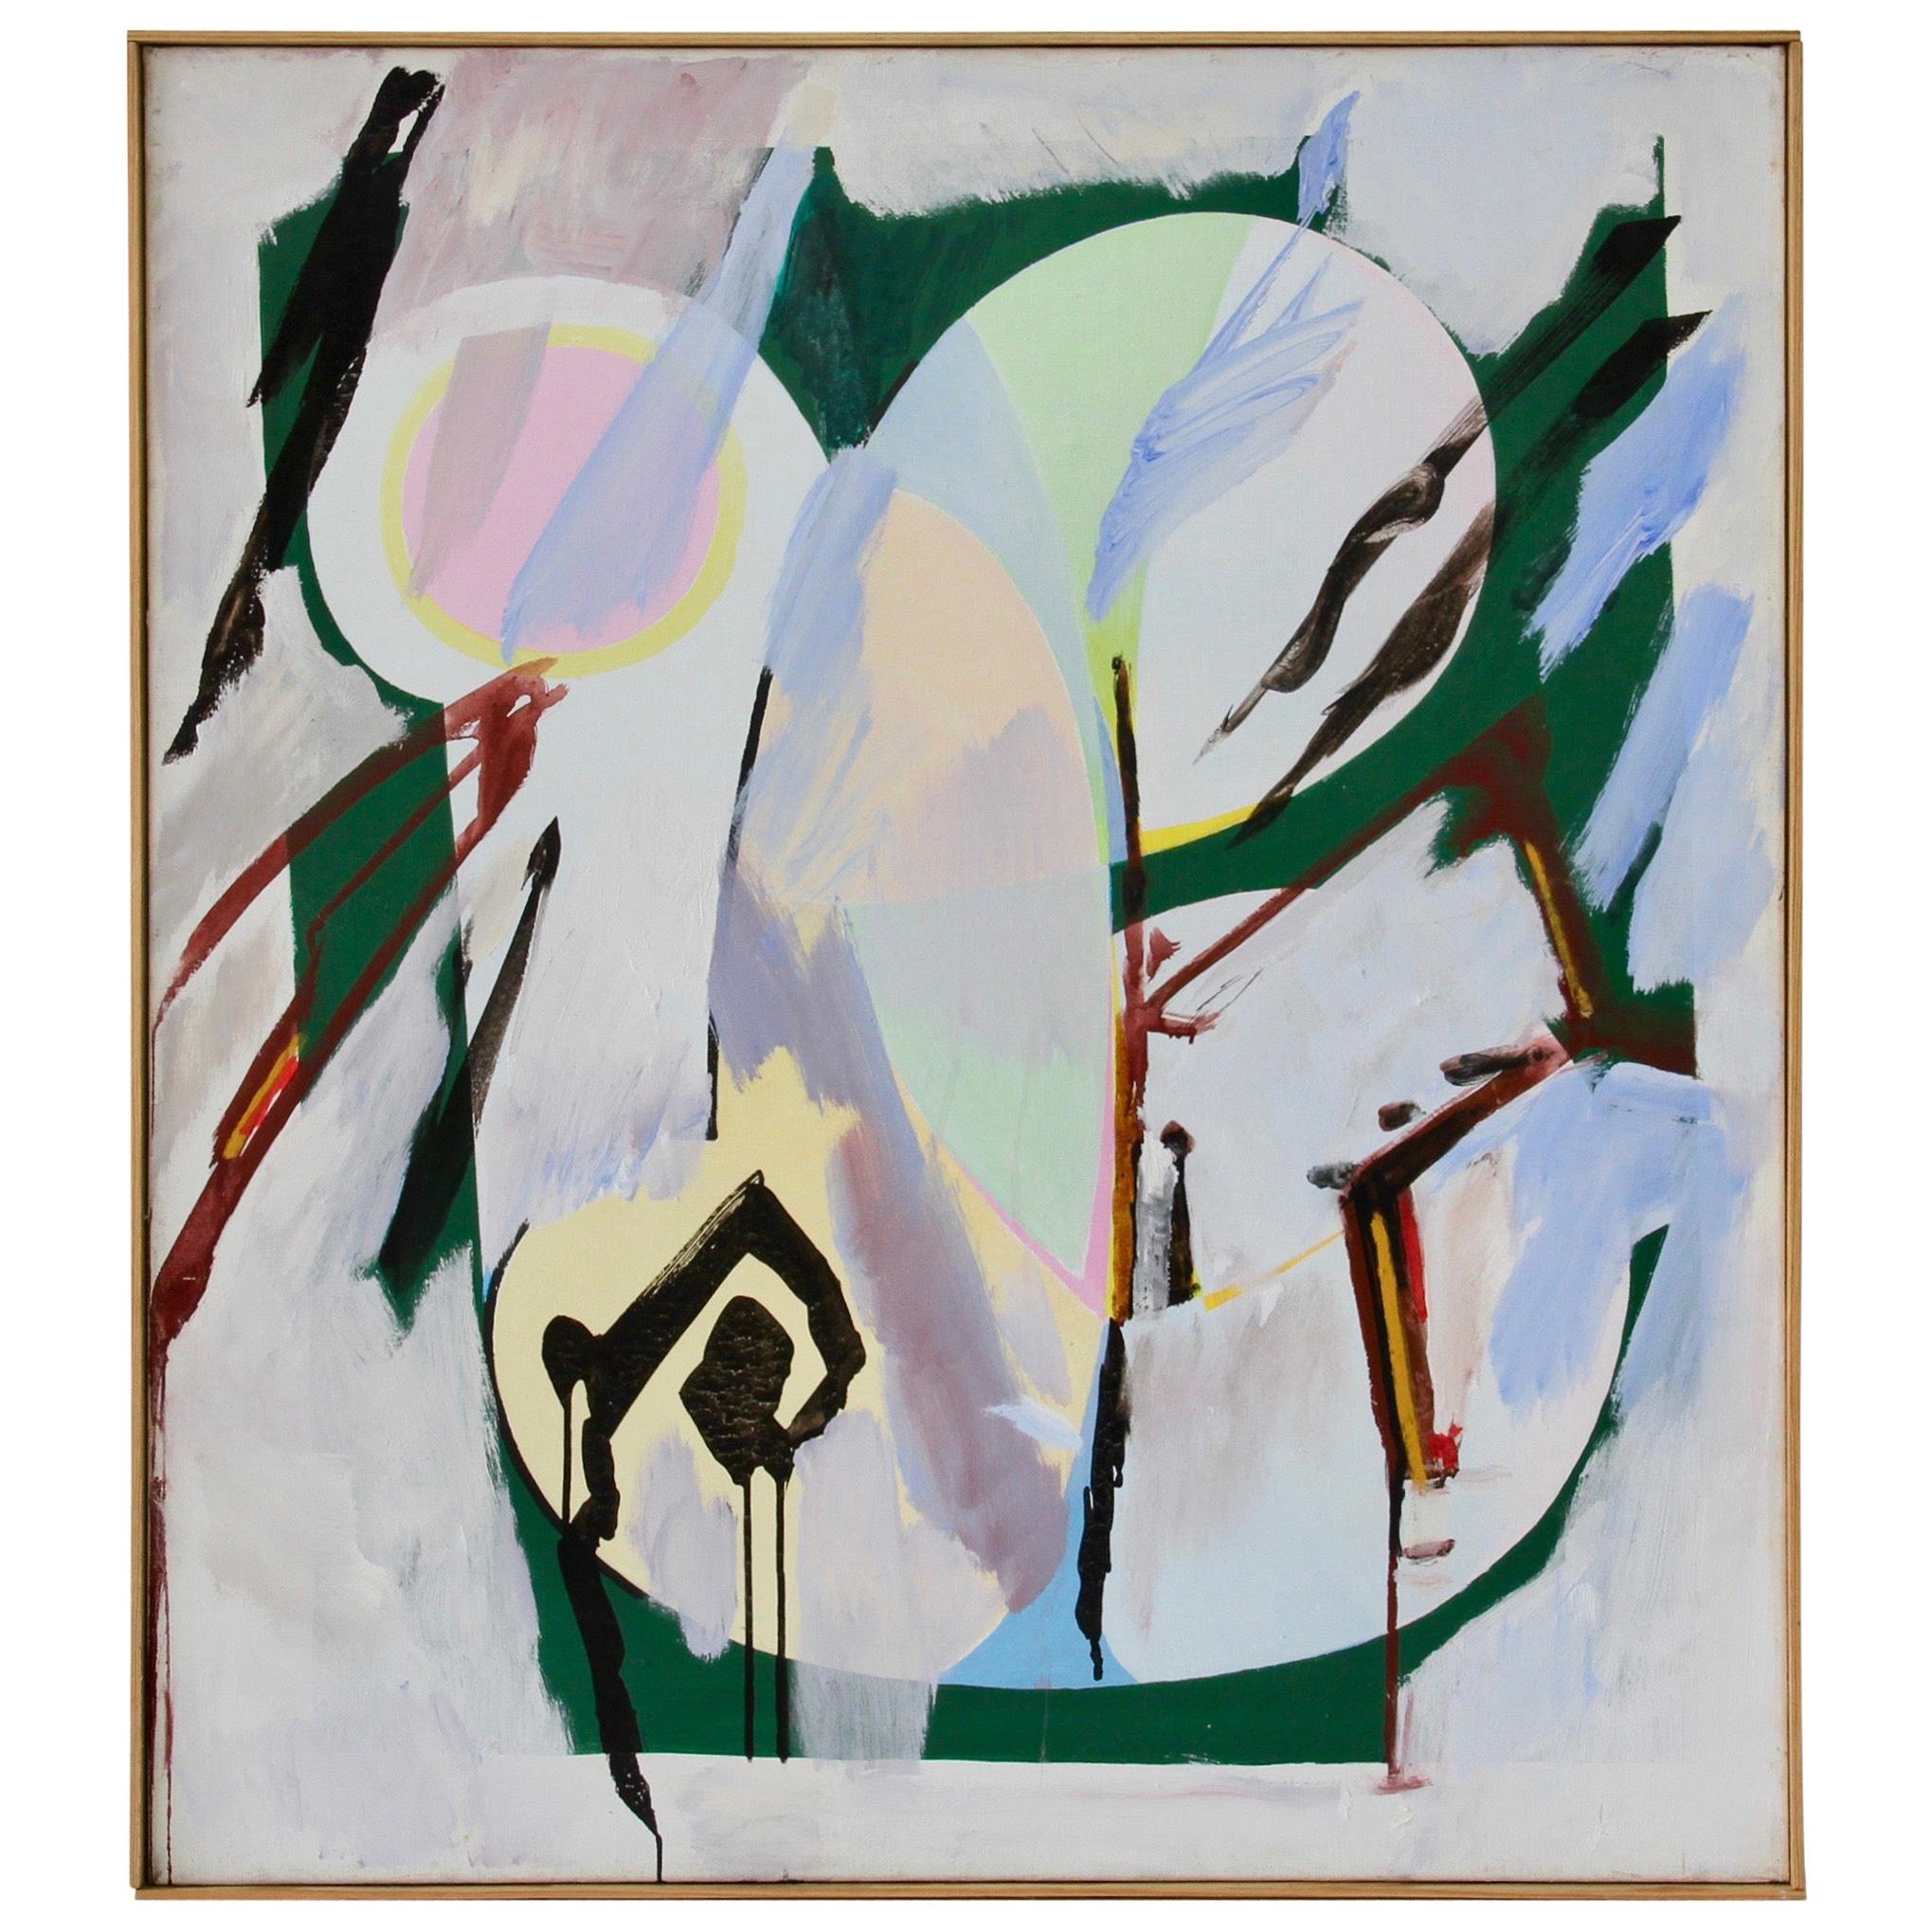 Walter Wohlschlegel 'Hochsommer' Vintage Abstract Modern Art Painting, 1986